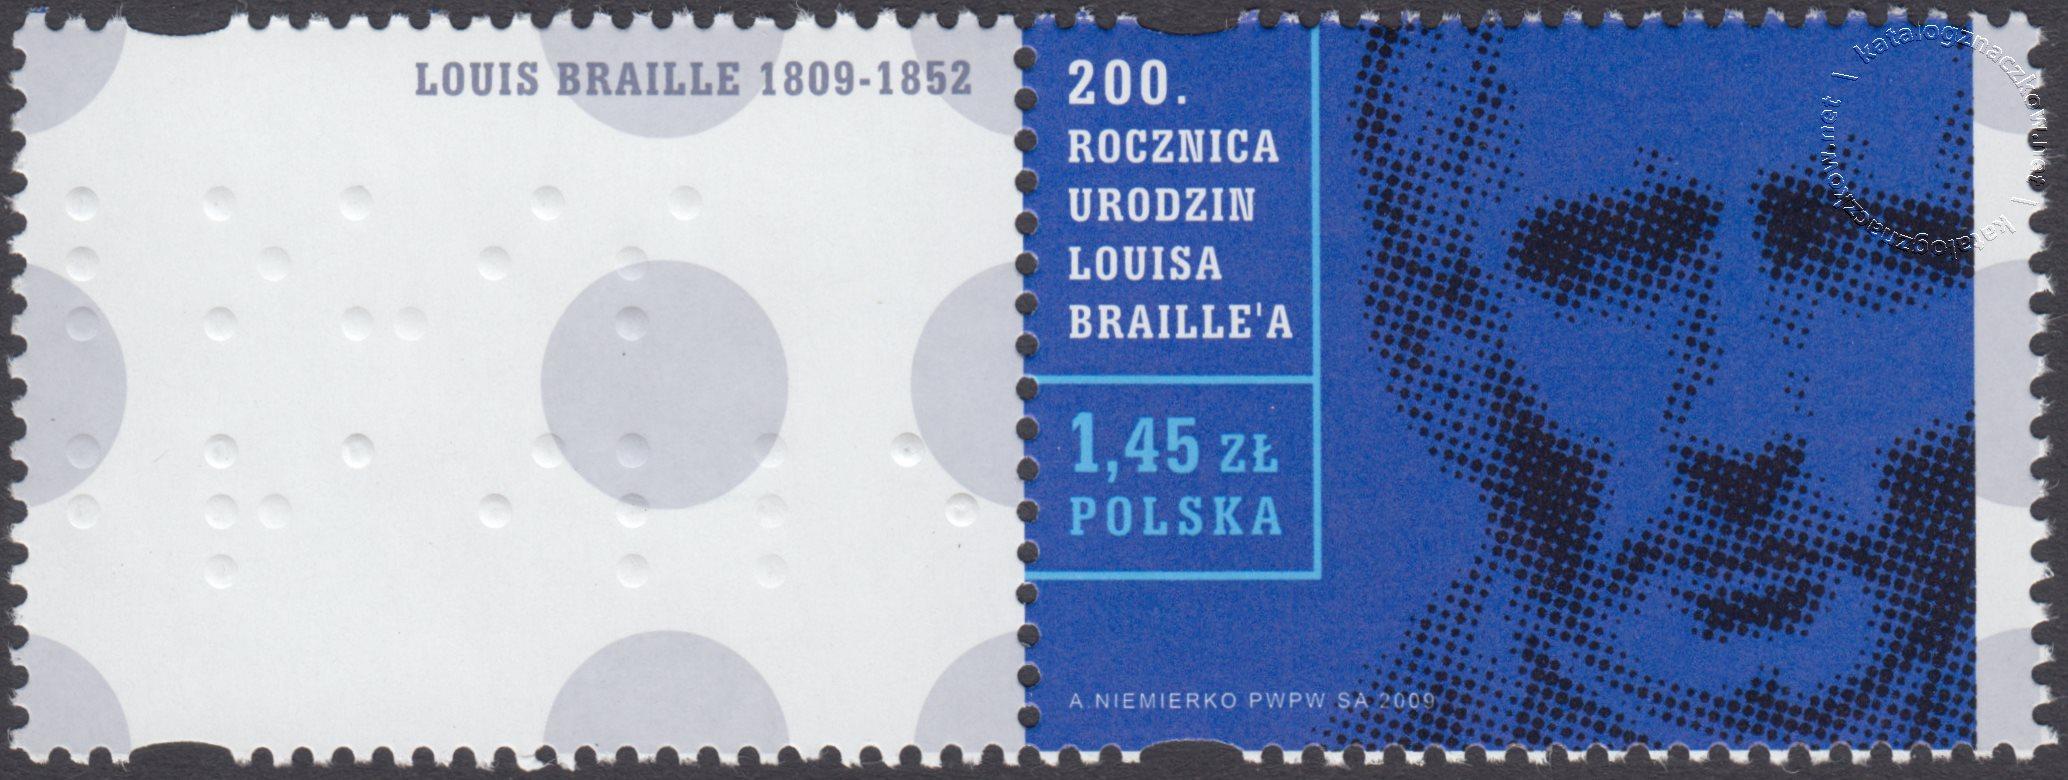 200 rocznica urodzin Louisa Braille'a znaczek nr 4257 + przywieszka